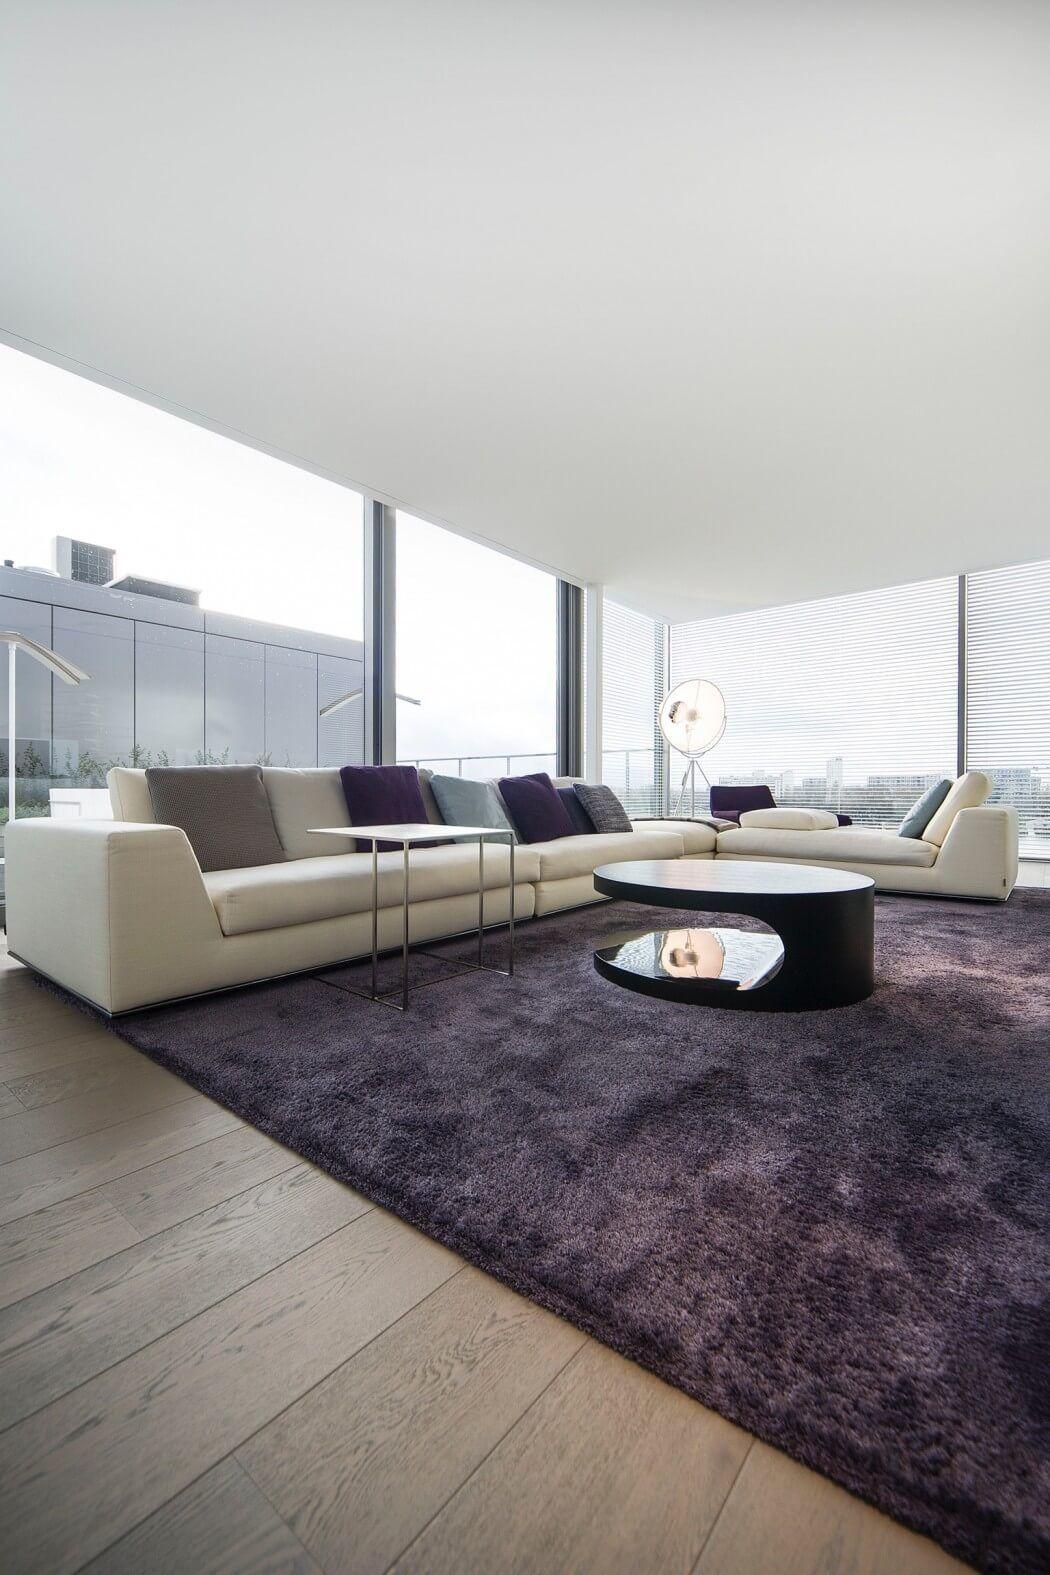 Home 1051 by Filip Deslee | Interior | Pinterest | Einrichtung